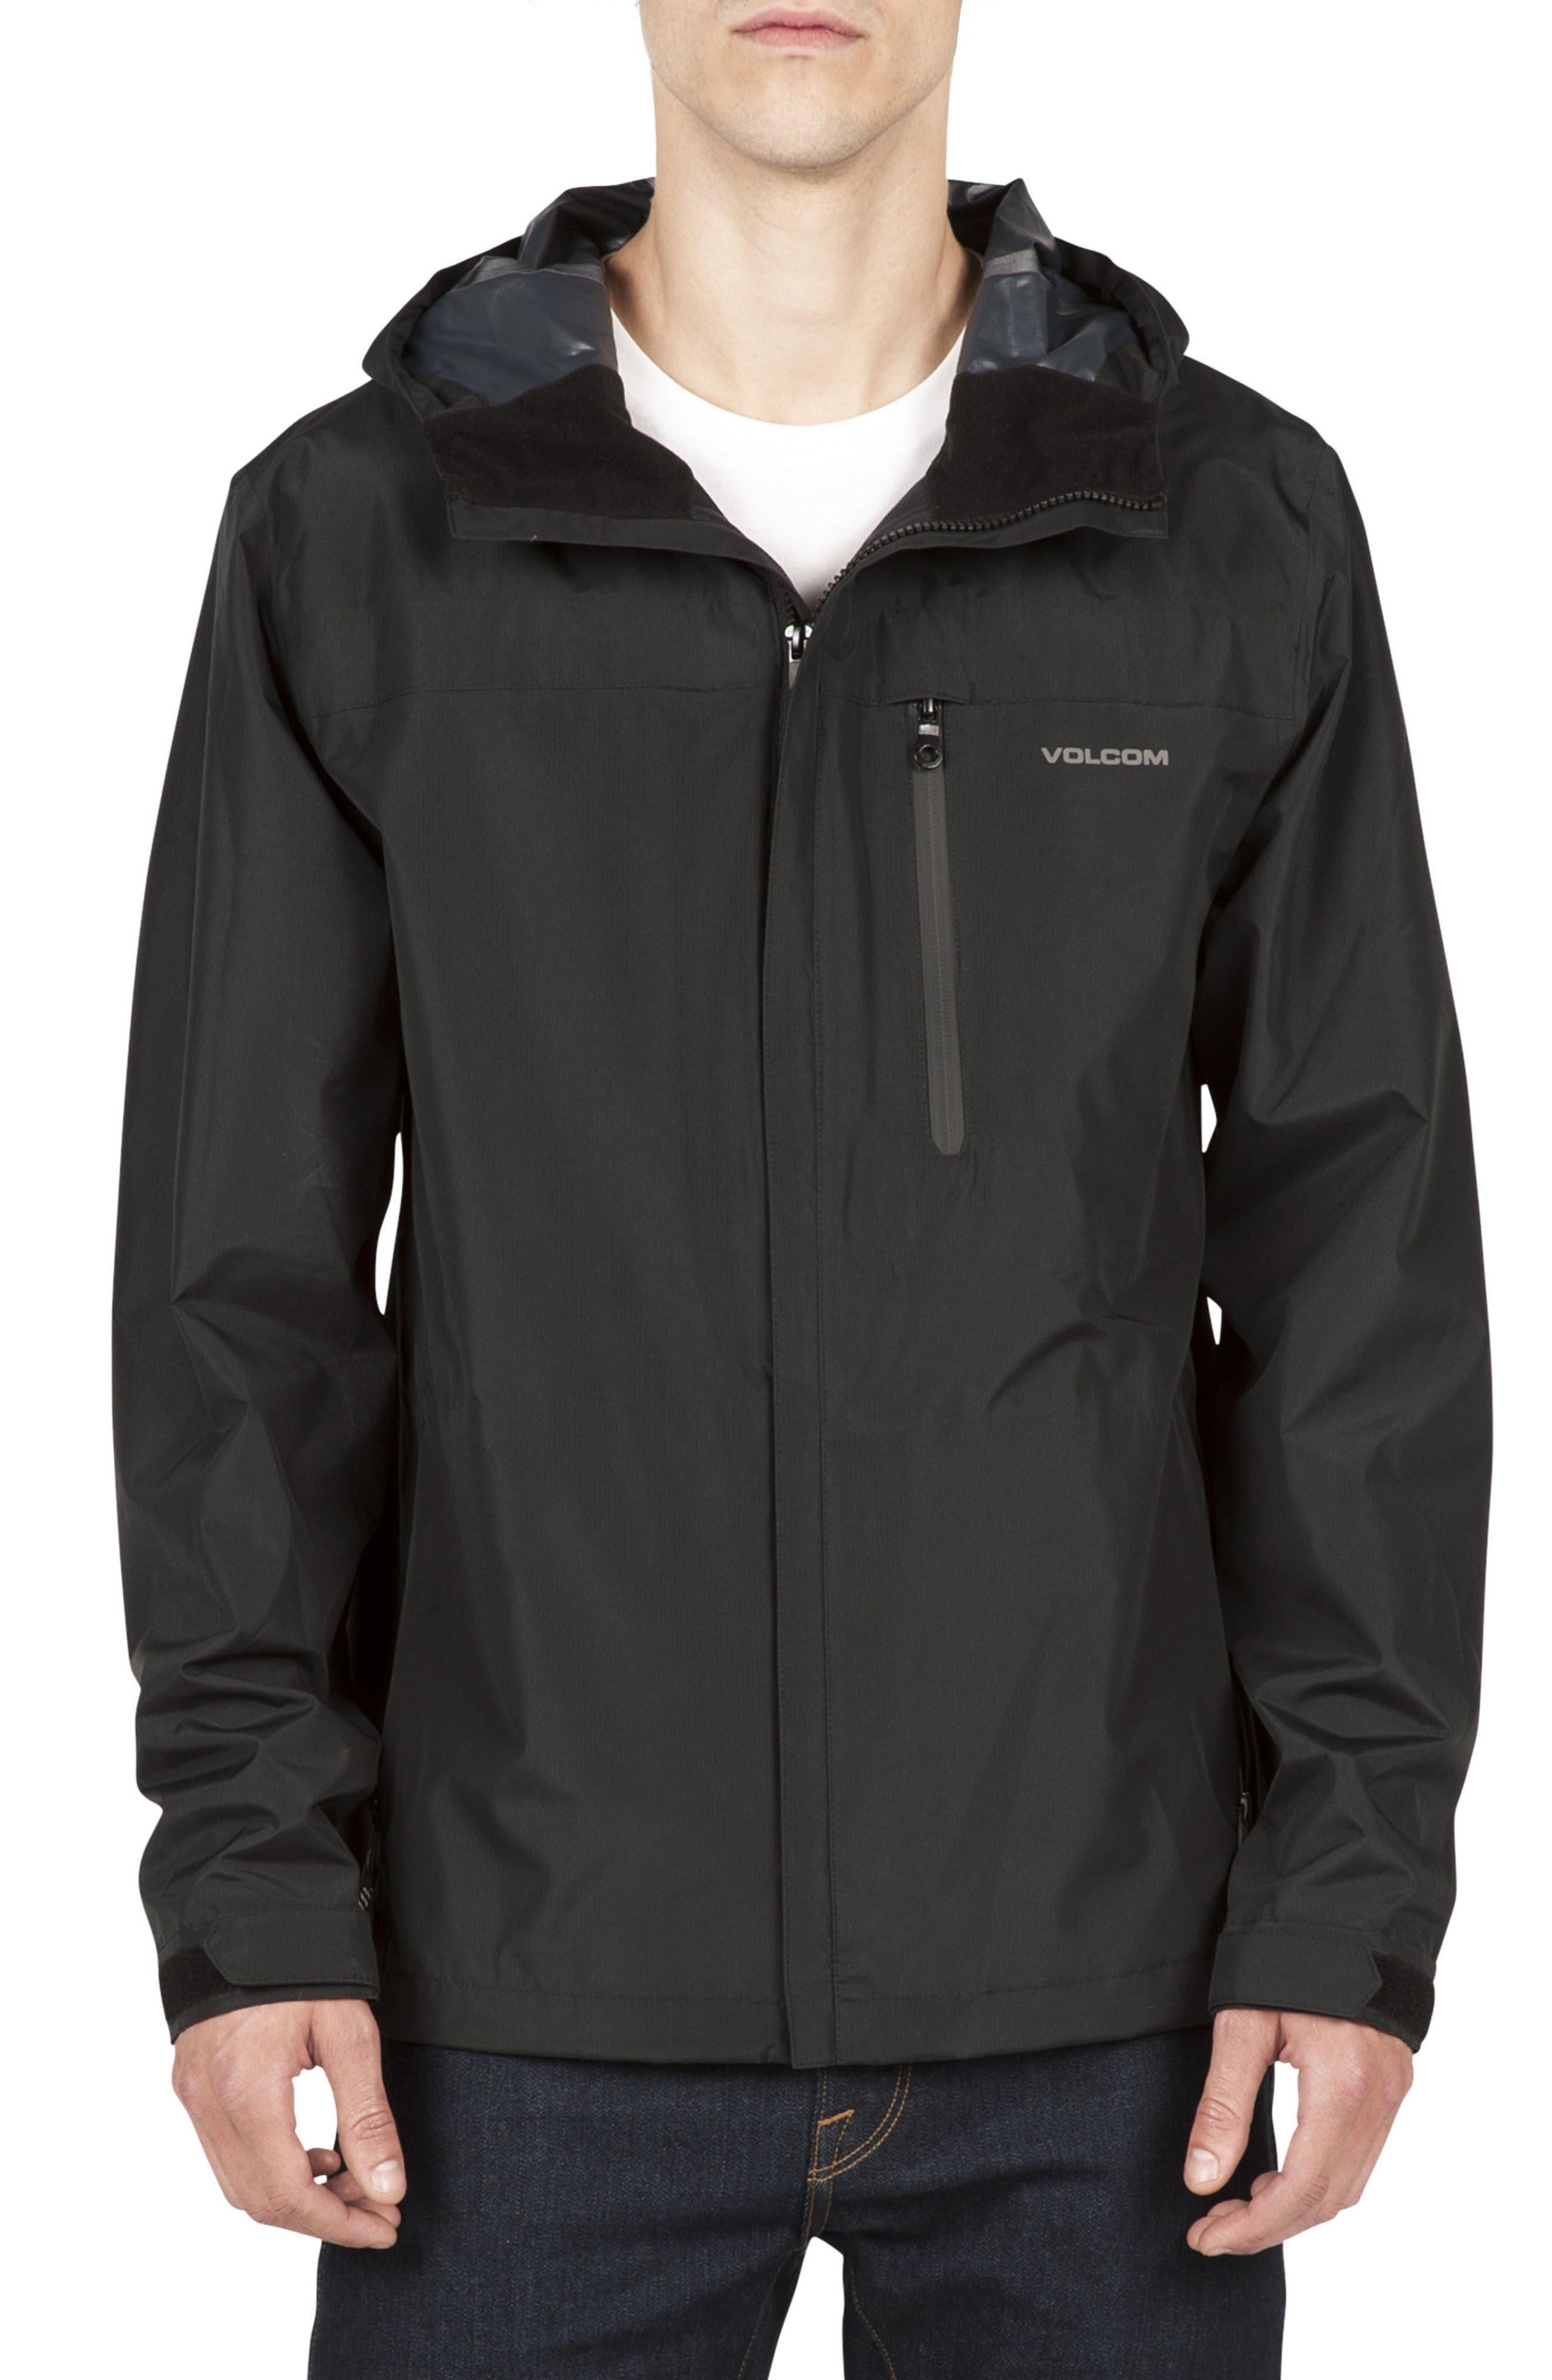 Main Image - Volcom Water Resistant Zip Jacket